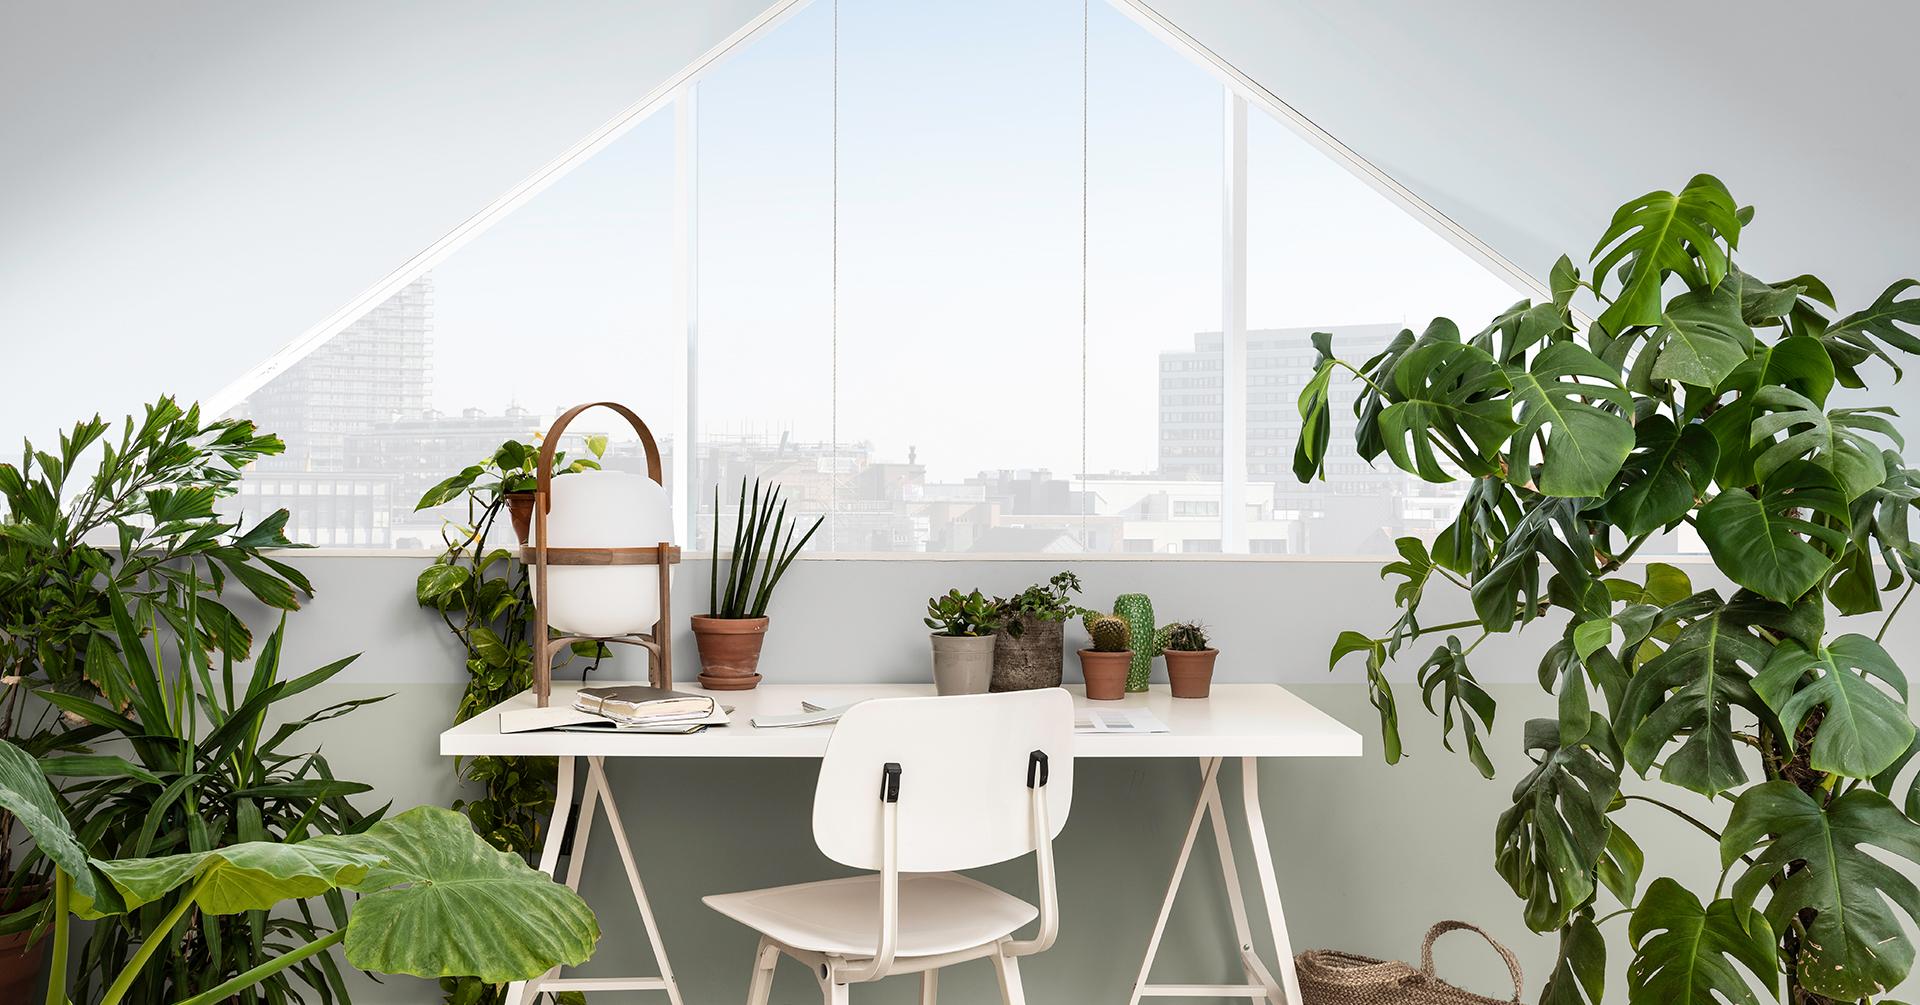 Planten doen het goed in lichte interieurs!